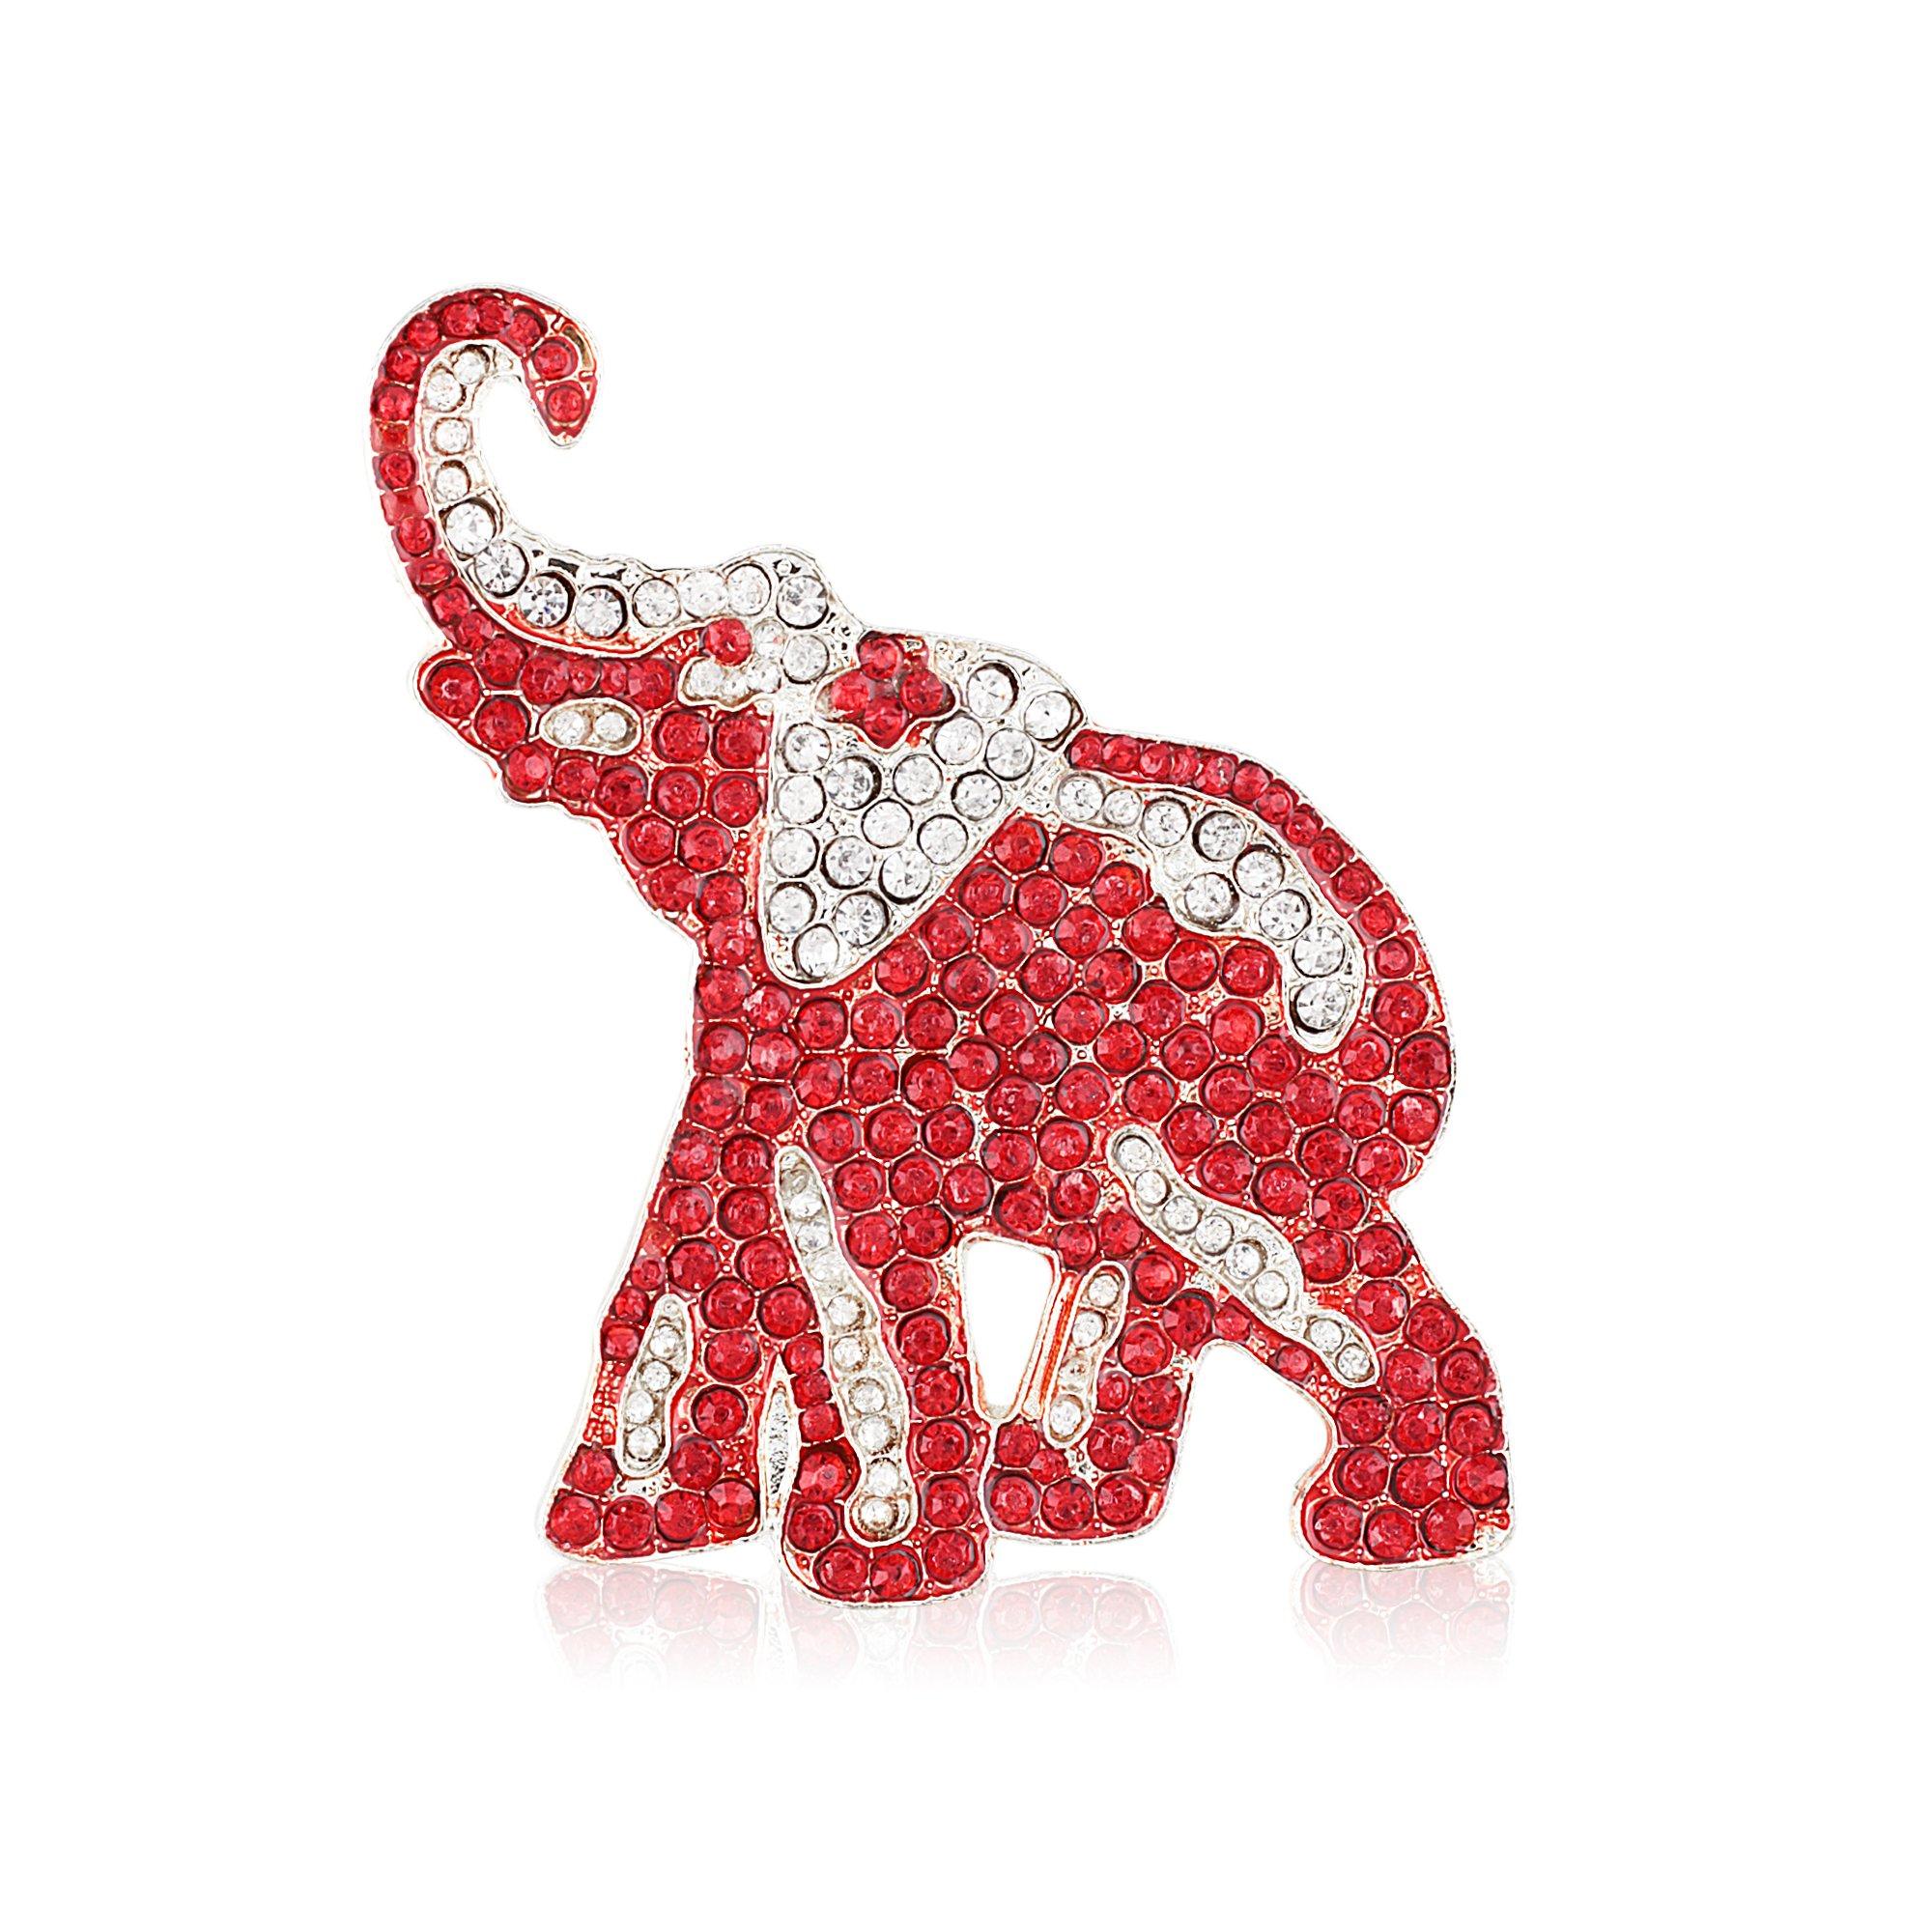 Crimson and Crystal Rhinestone Elephant Brooch (Silver Tone)